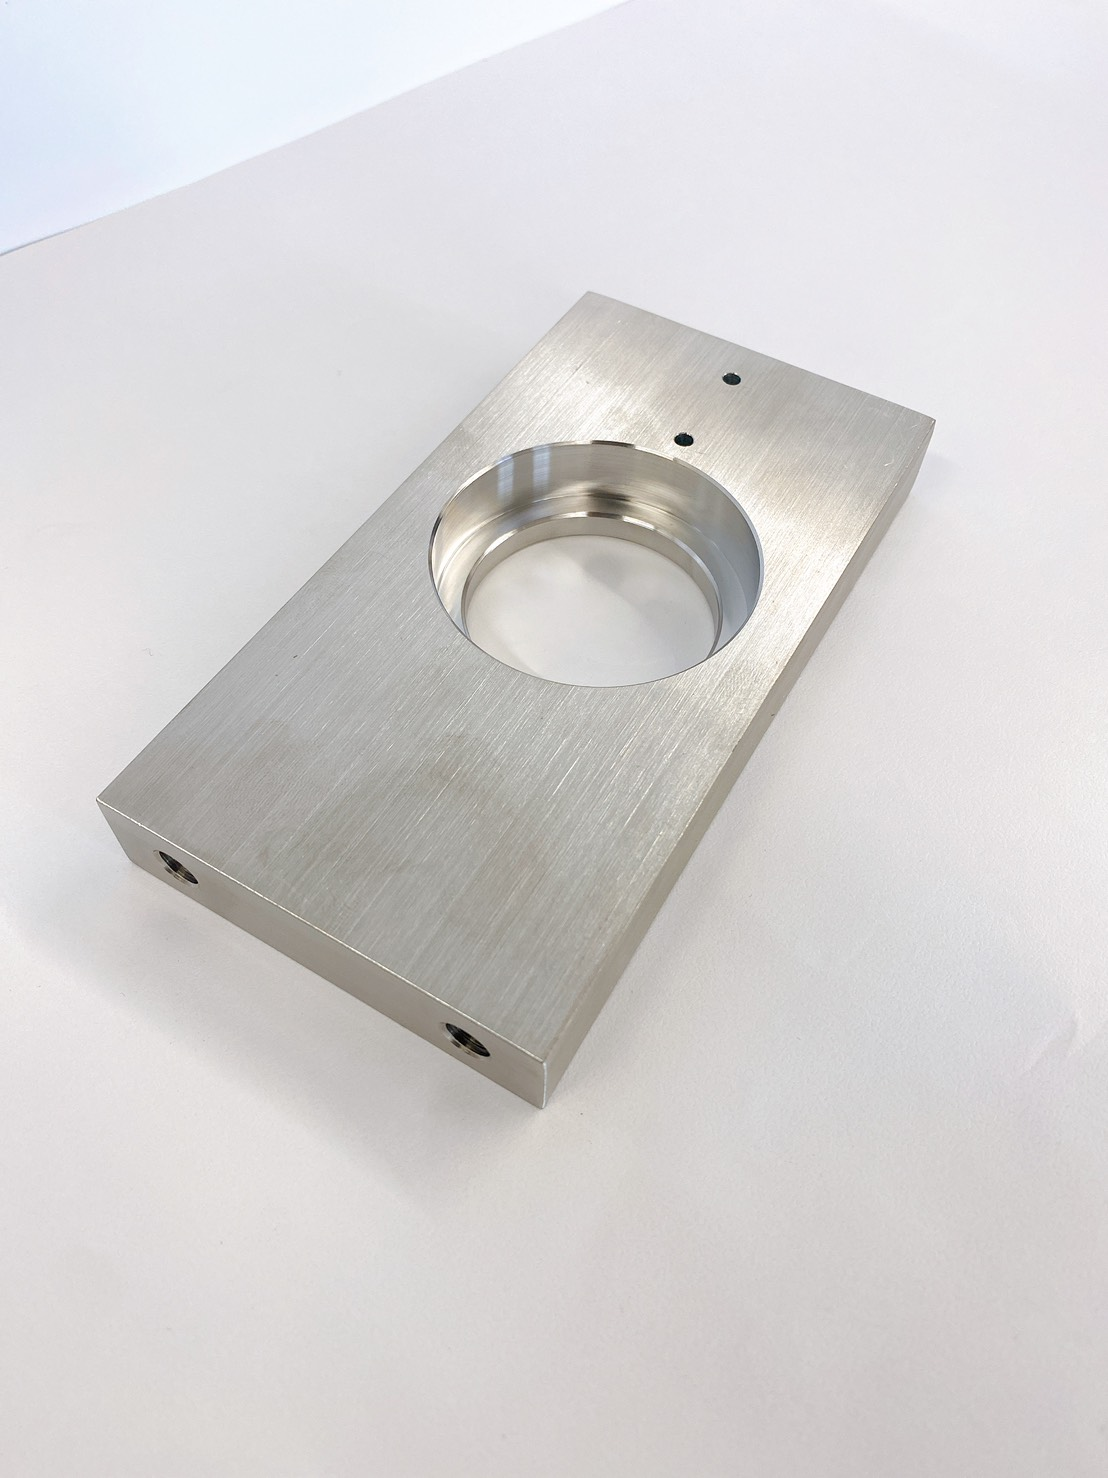 切削加工部品 介護機器部品 SUS304 5軸マシニング加工 ベアリングホルダー